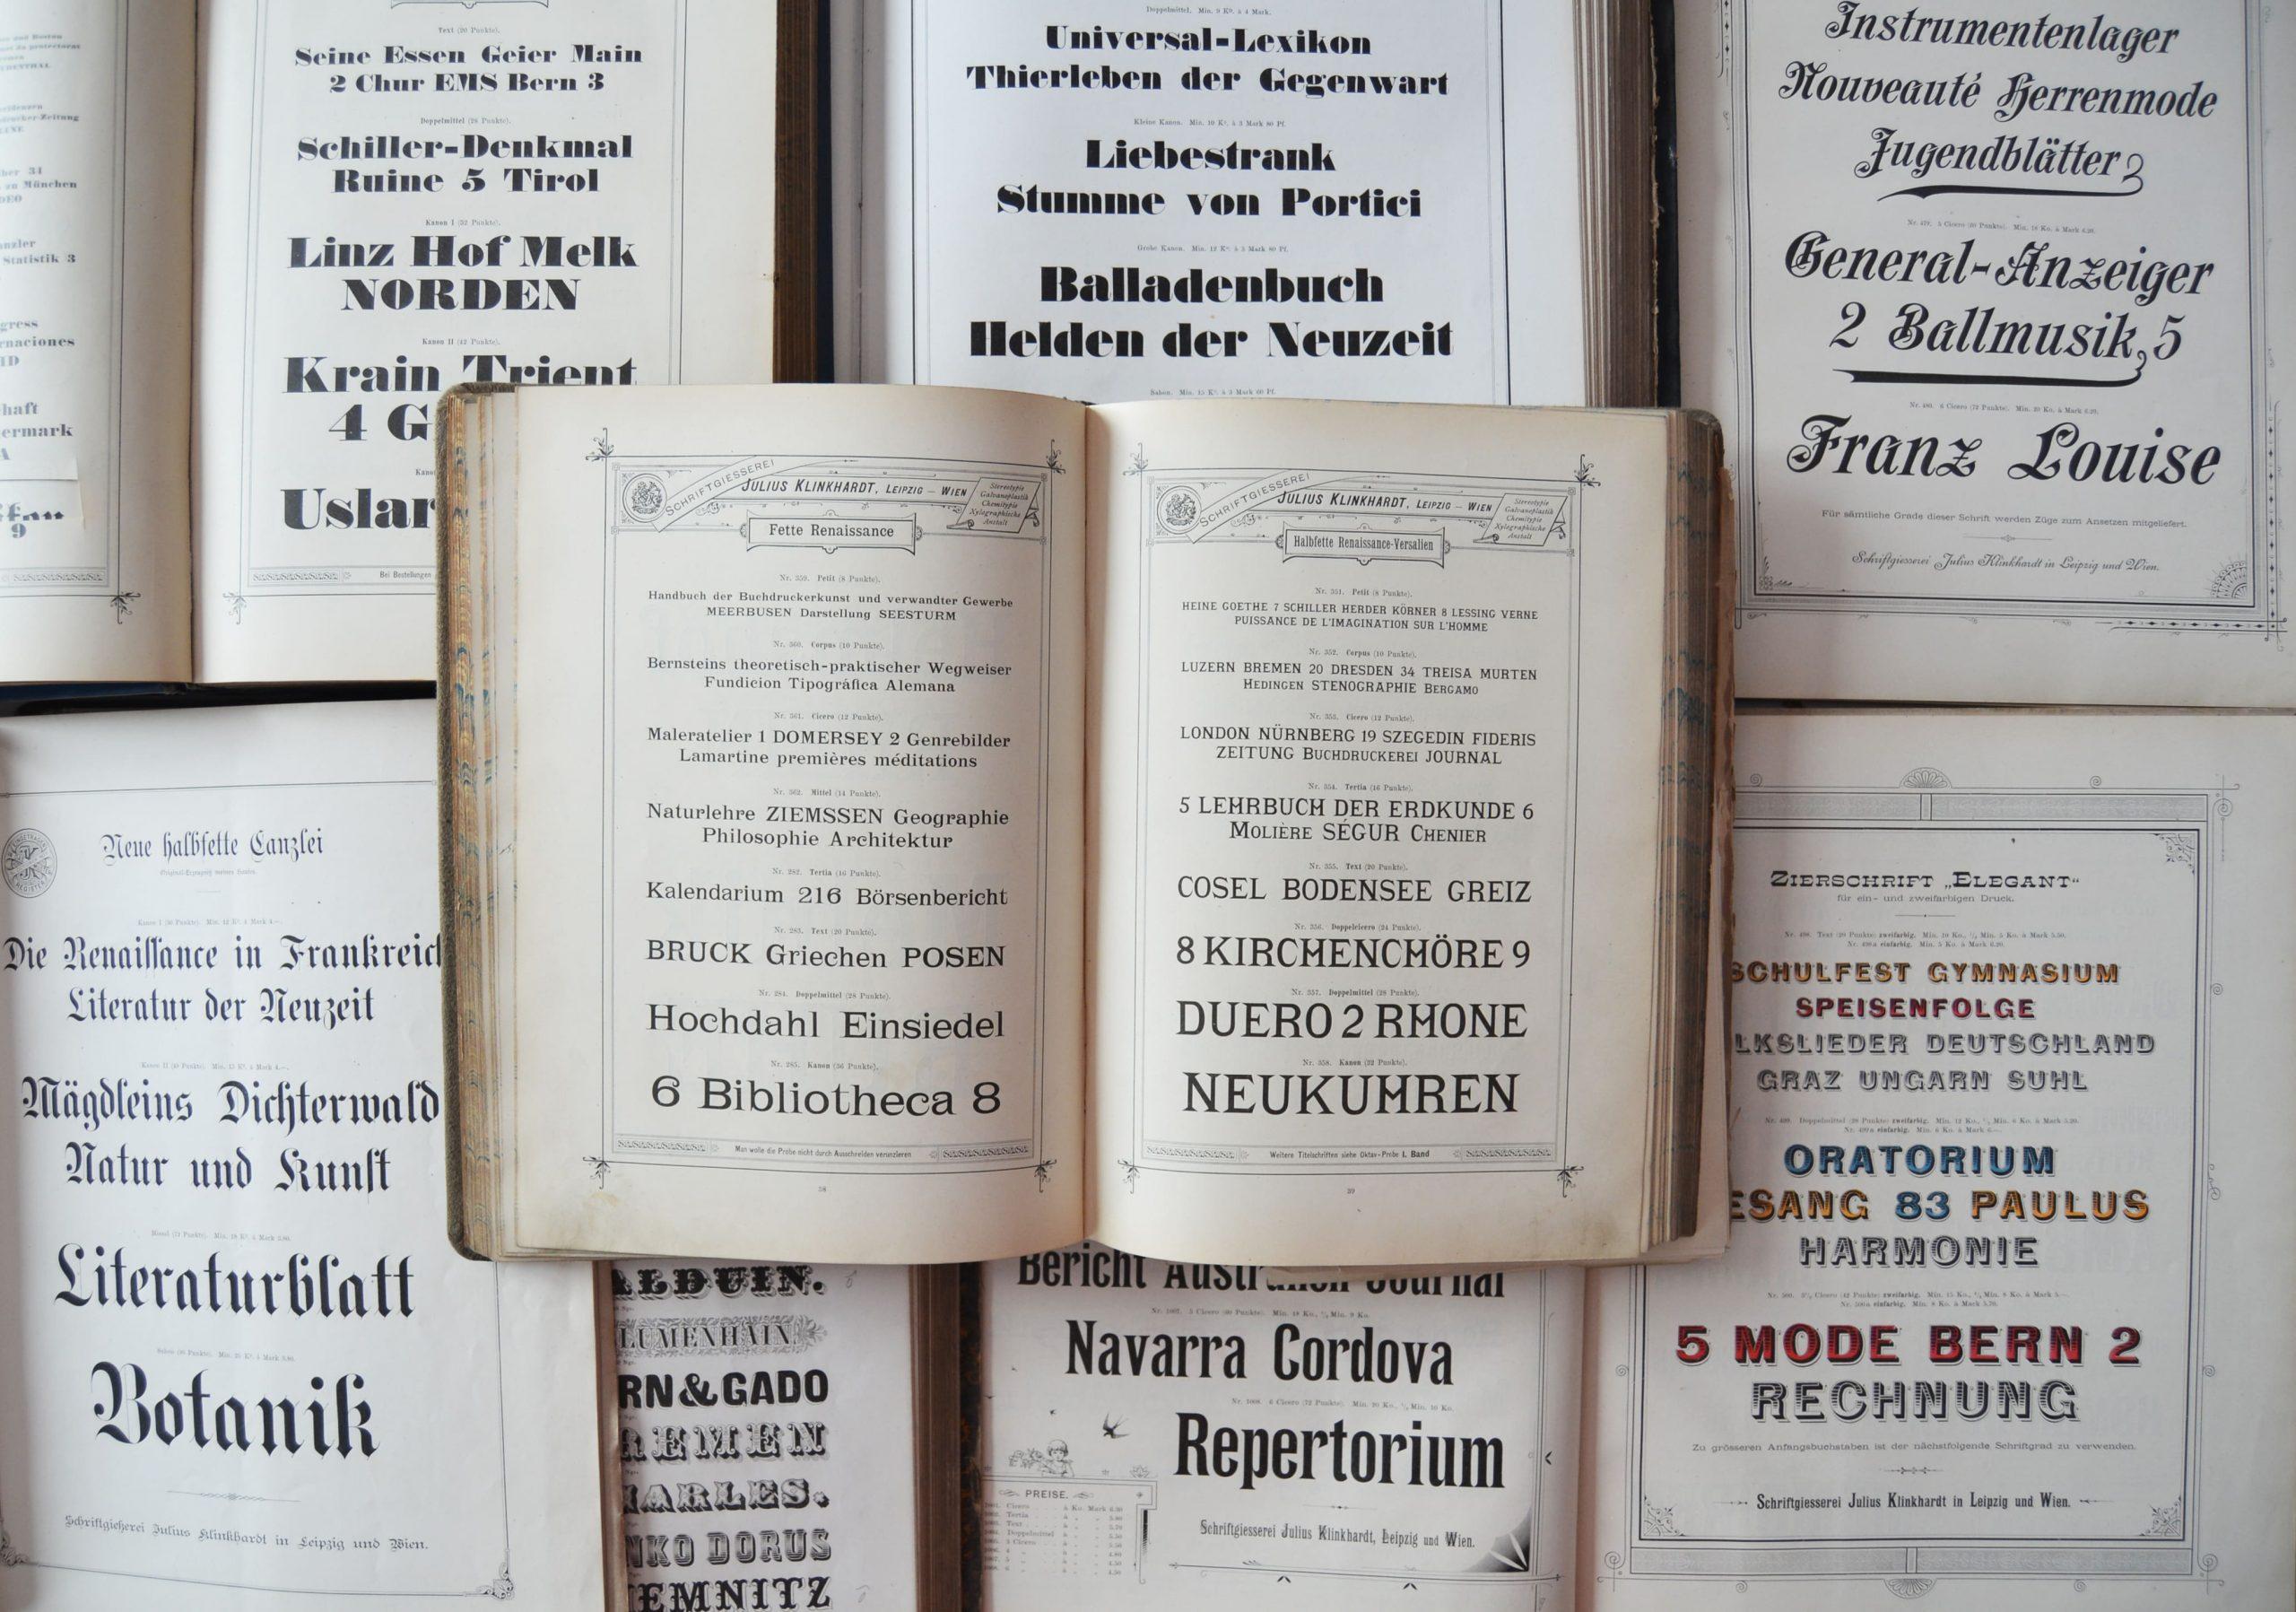 Führung »Marketing für Schrift. Schriftmusterproben als besondere Zeugnisse des grafischen Gewerbes« – 11.09.2021, 16.30 Uhr